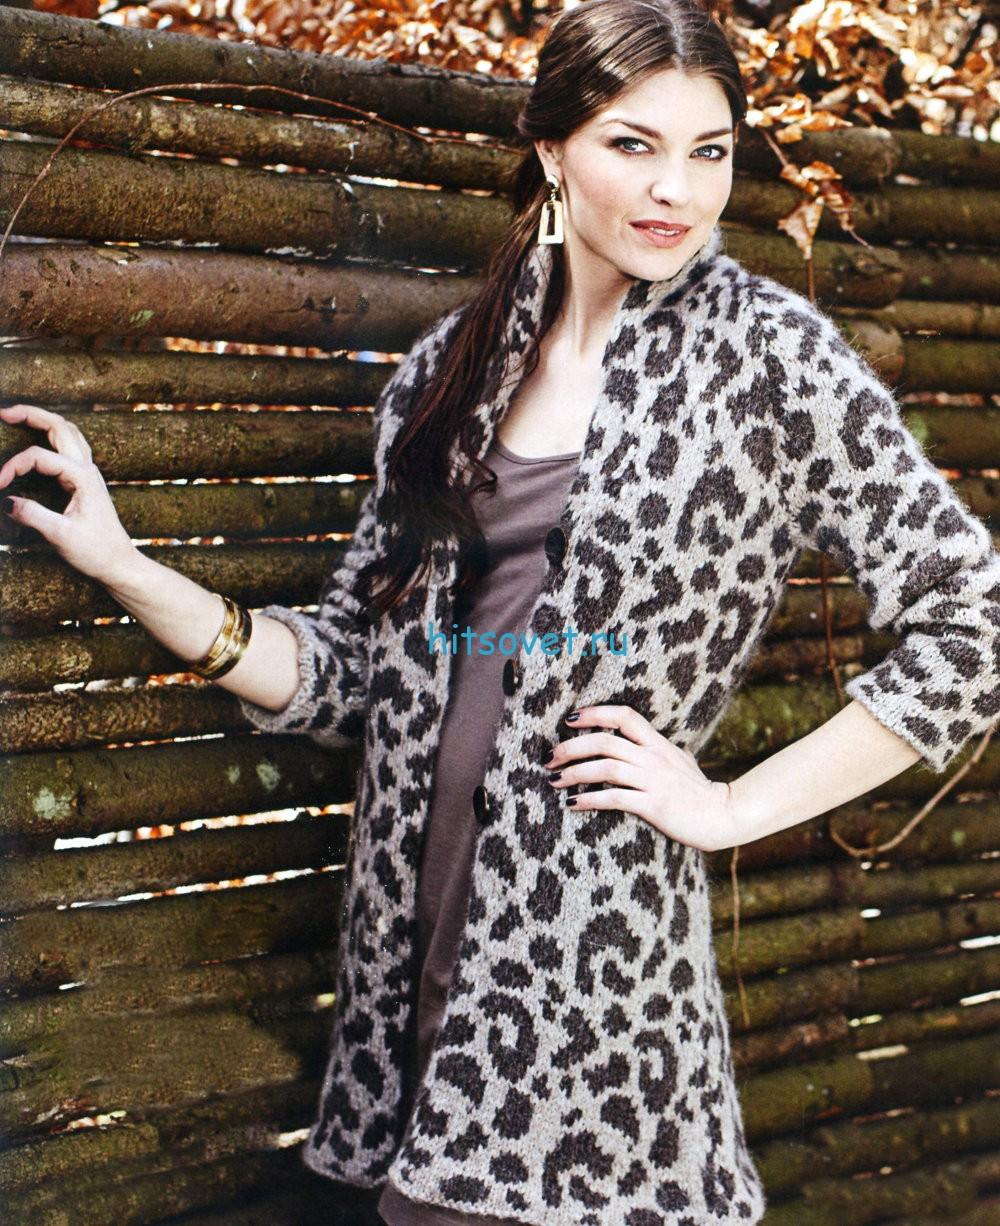 Вязание кардигана с леопардовым узором, фото.